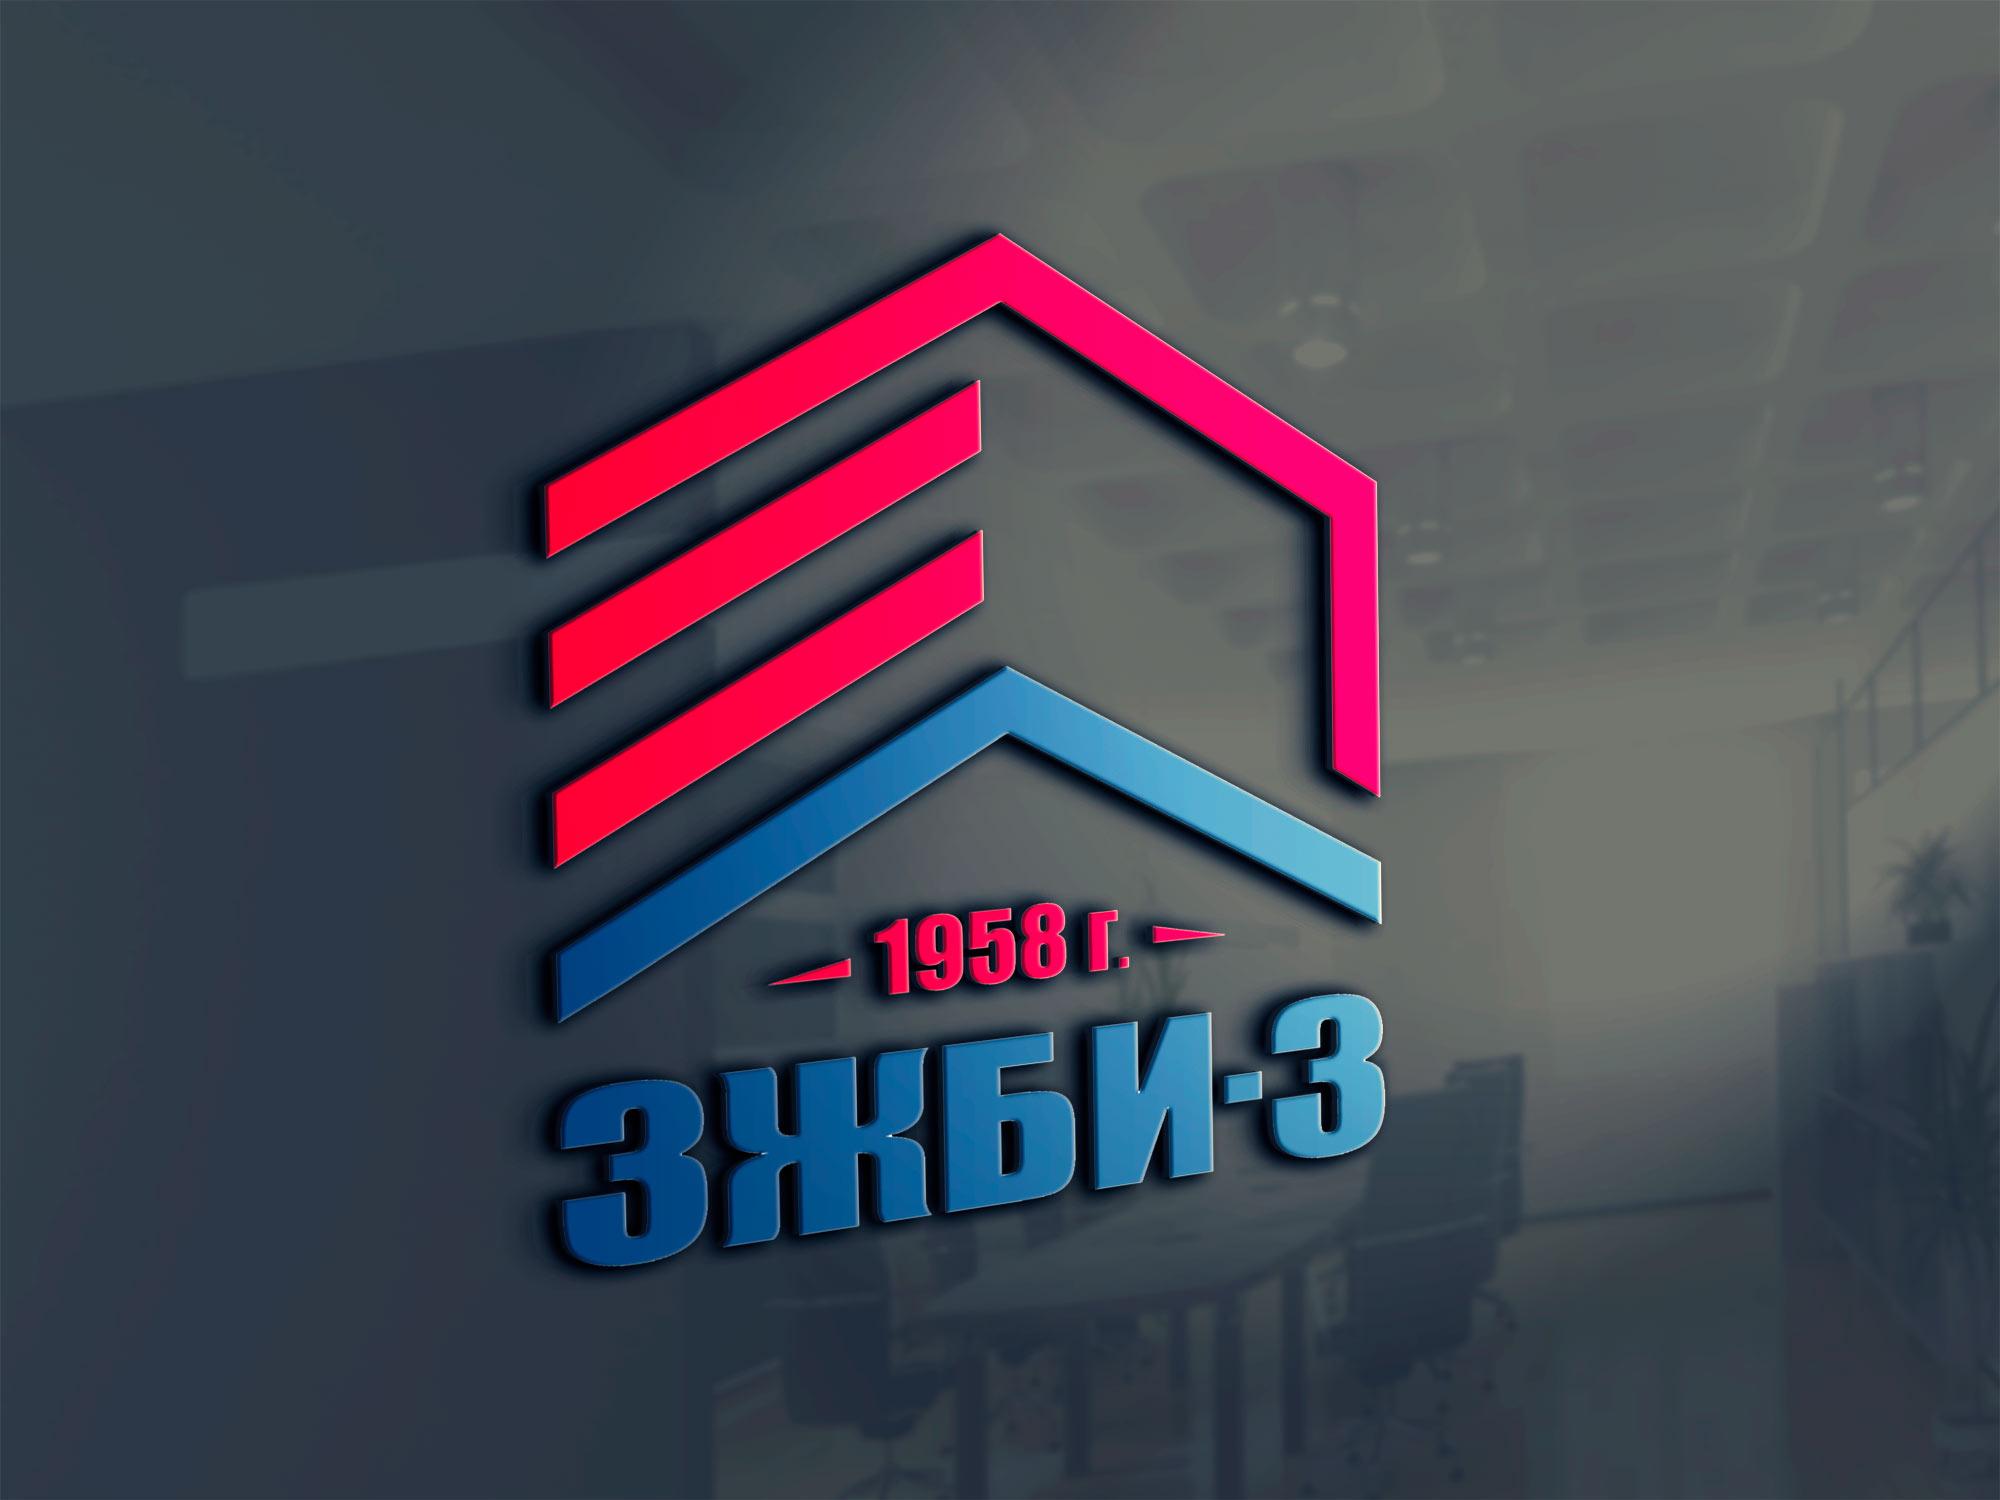 Разработка логотипа и фирменный стиль фото f_187596fad2ee224e.jpg